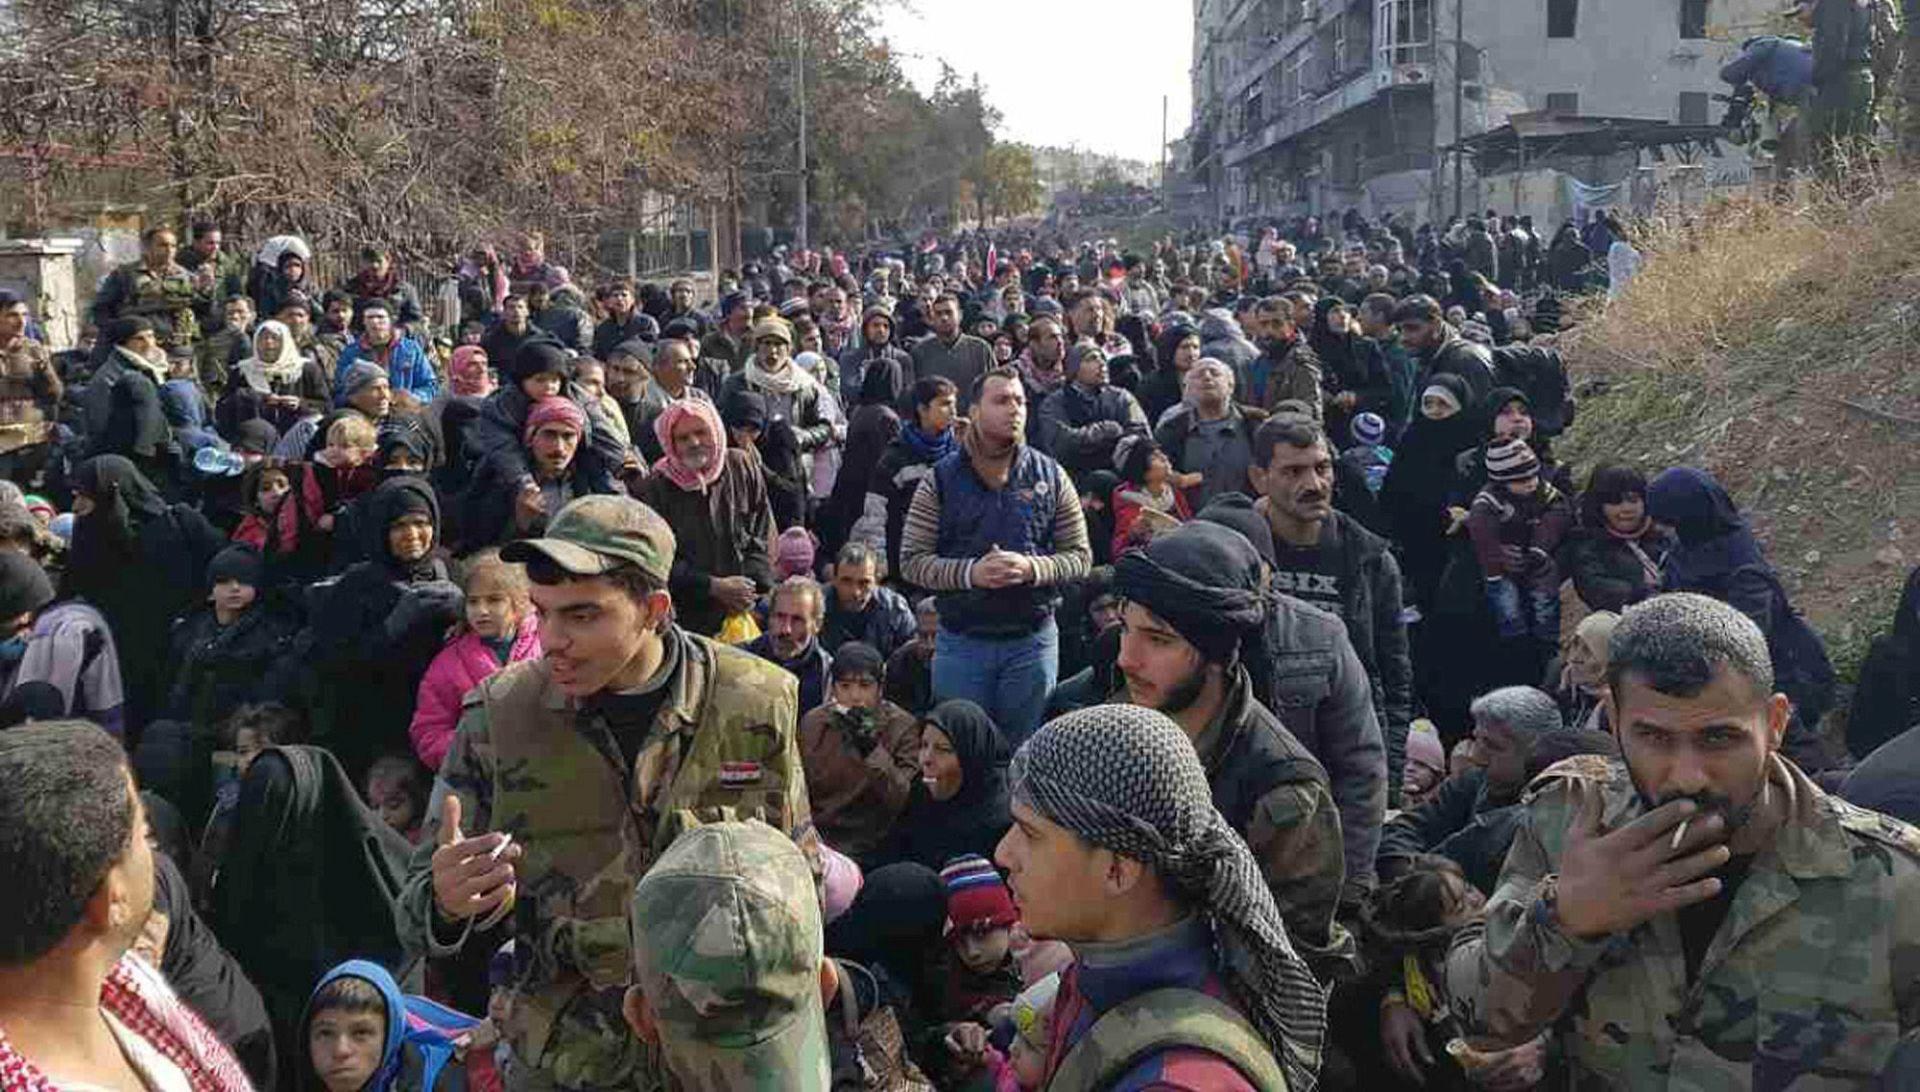 UNATOČ PADU ALEPA: Sirijska oporba nije spremna za ustupke Asadu